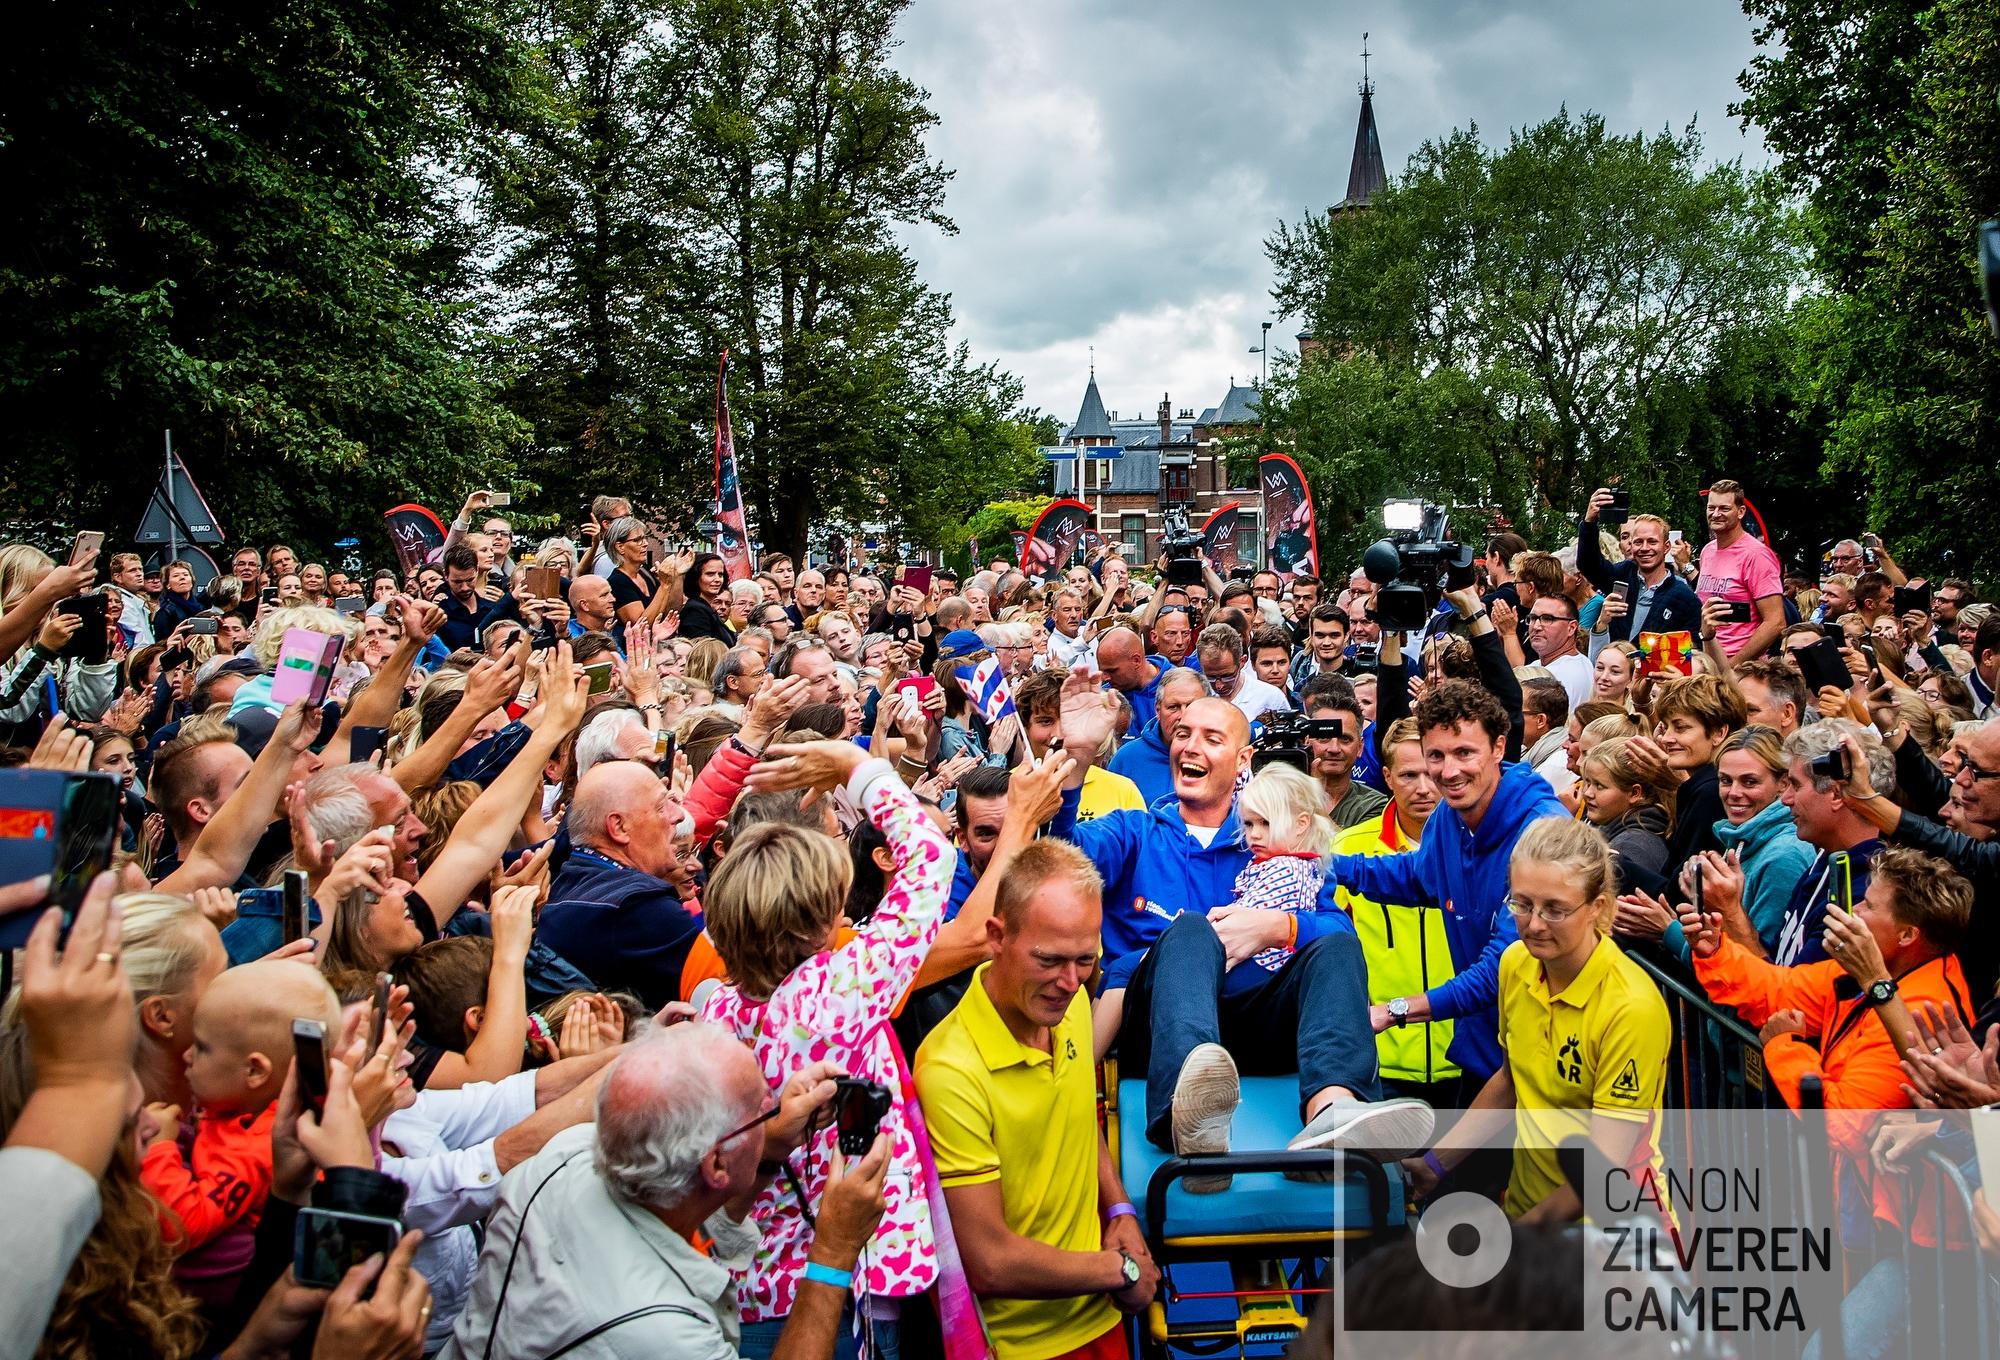 LEEUWARDEN - Maarten van der Weijden wordt gehuldigd in het centrum van Leeuwarden. Het feest in Leeuwarden rond zijn elfstedenzwemtocht gaat door ook al heeft de olympisch zwemmer de tocht niet volbracht. Door misselijkheid kon de 37-jarige zwemmer geen medicijnen binnenhouden.